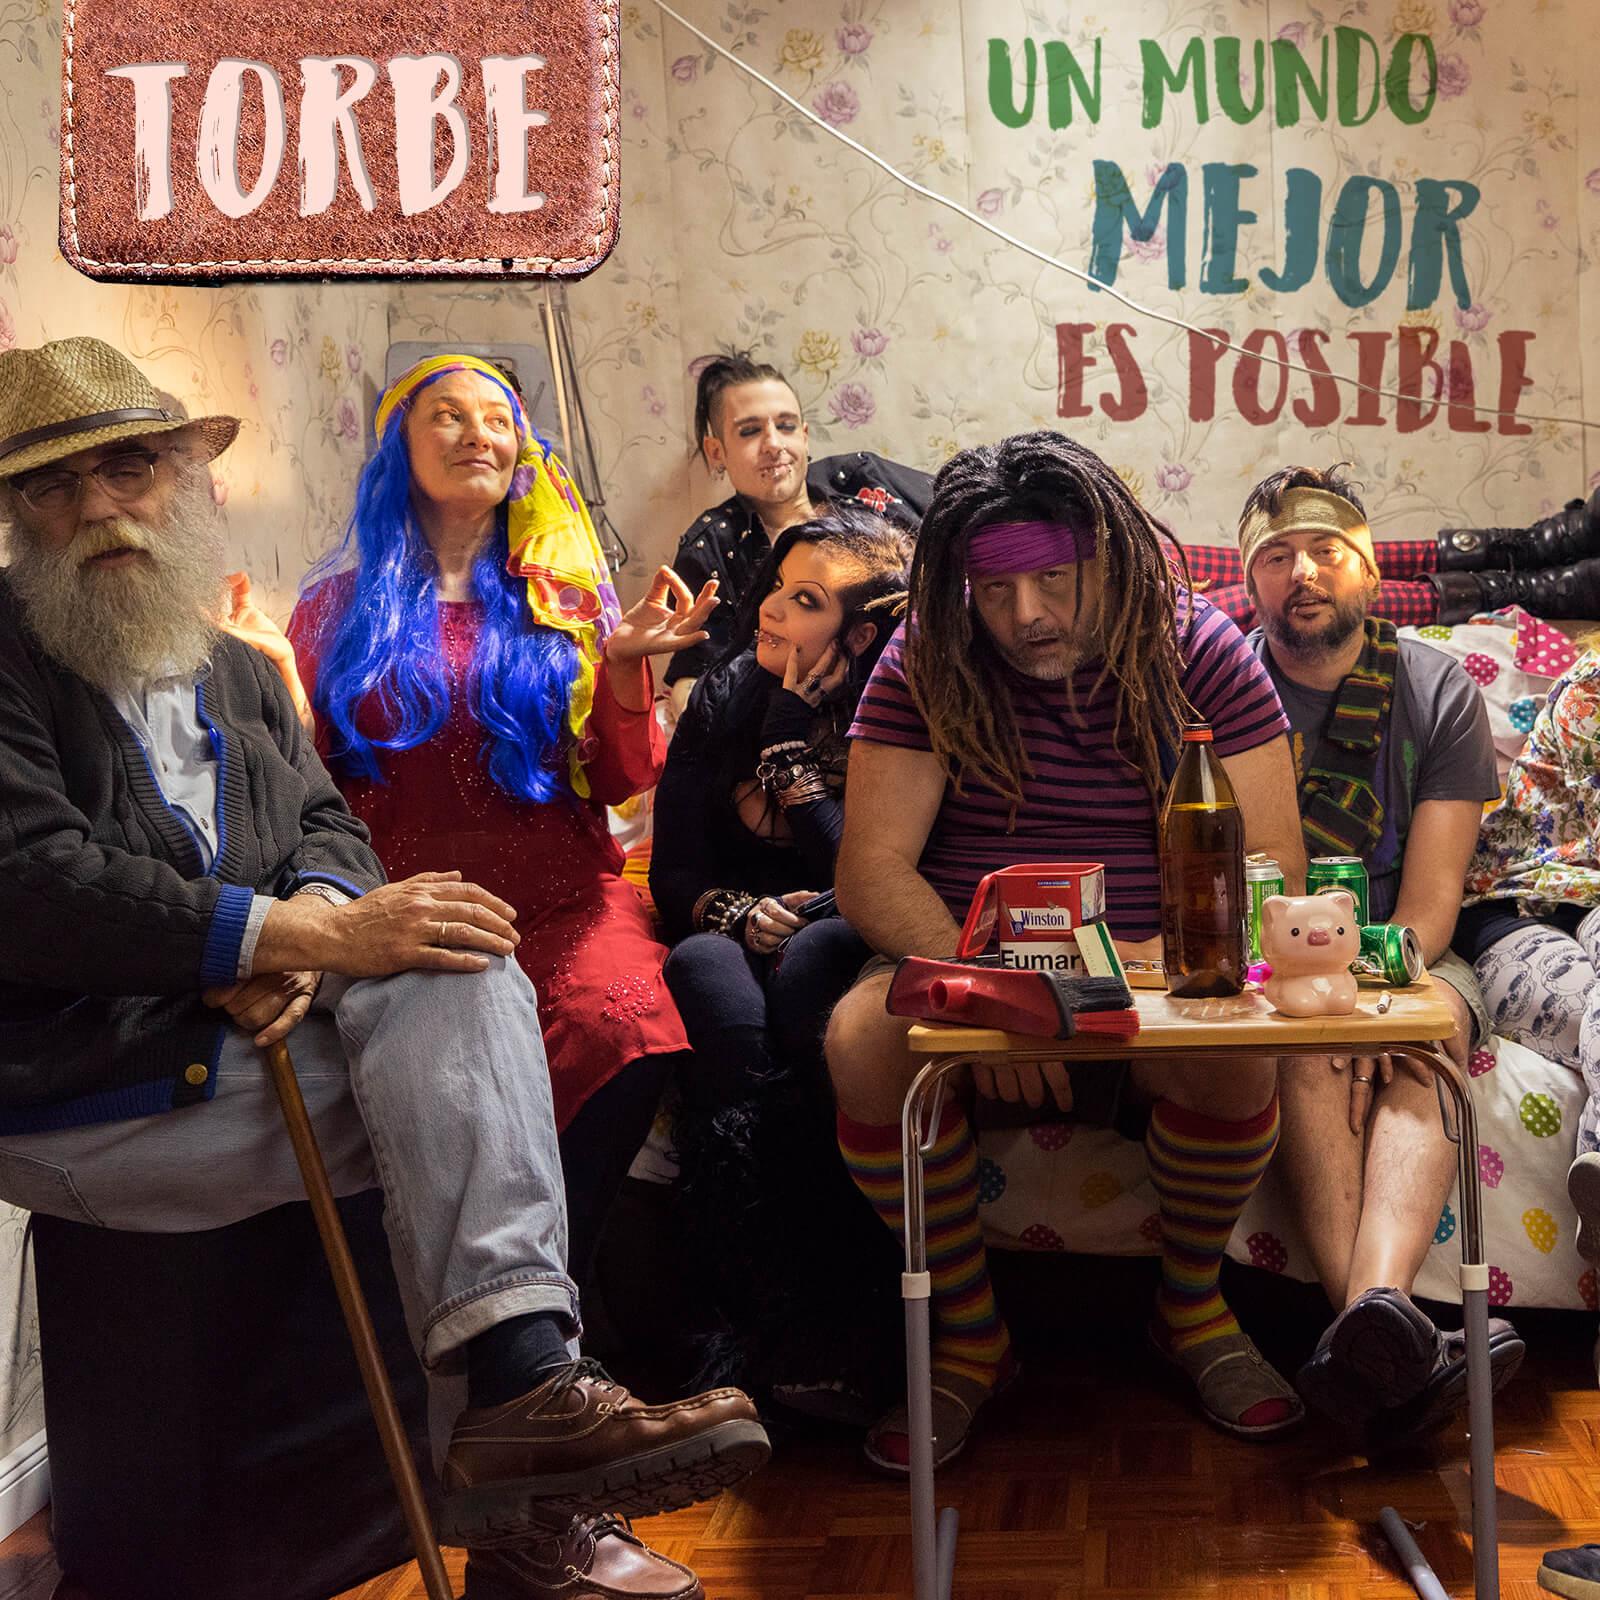 """""""Un mundo mejor es posible"""". Nuevo videoclip de Torbe!"""